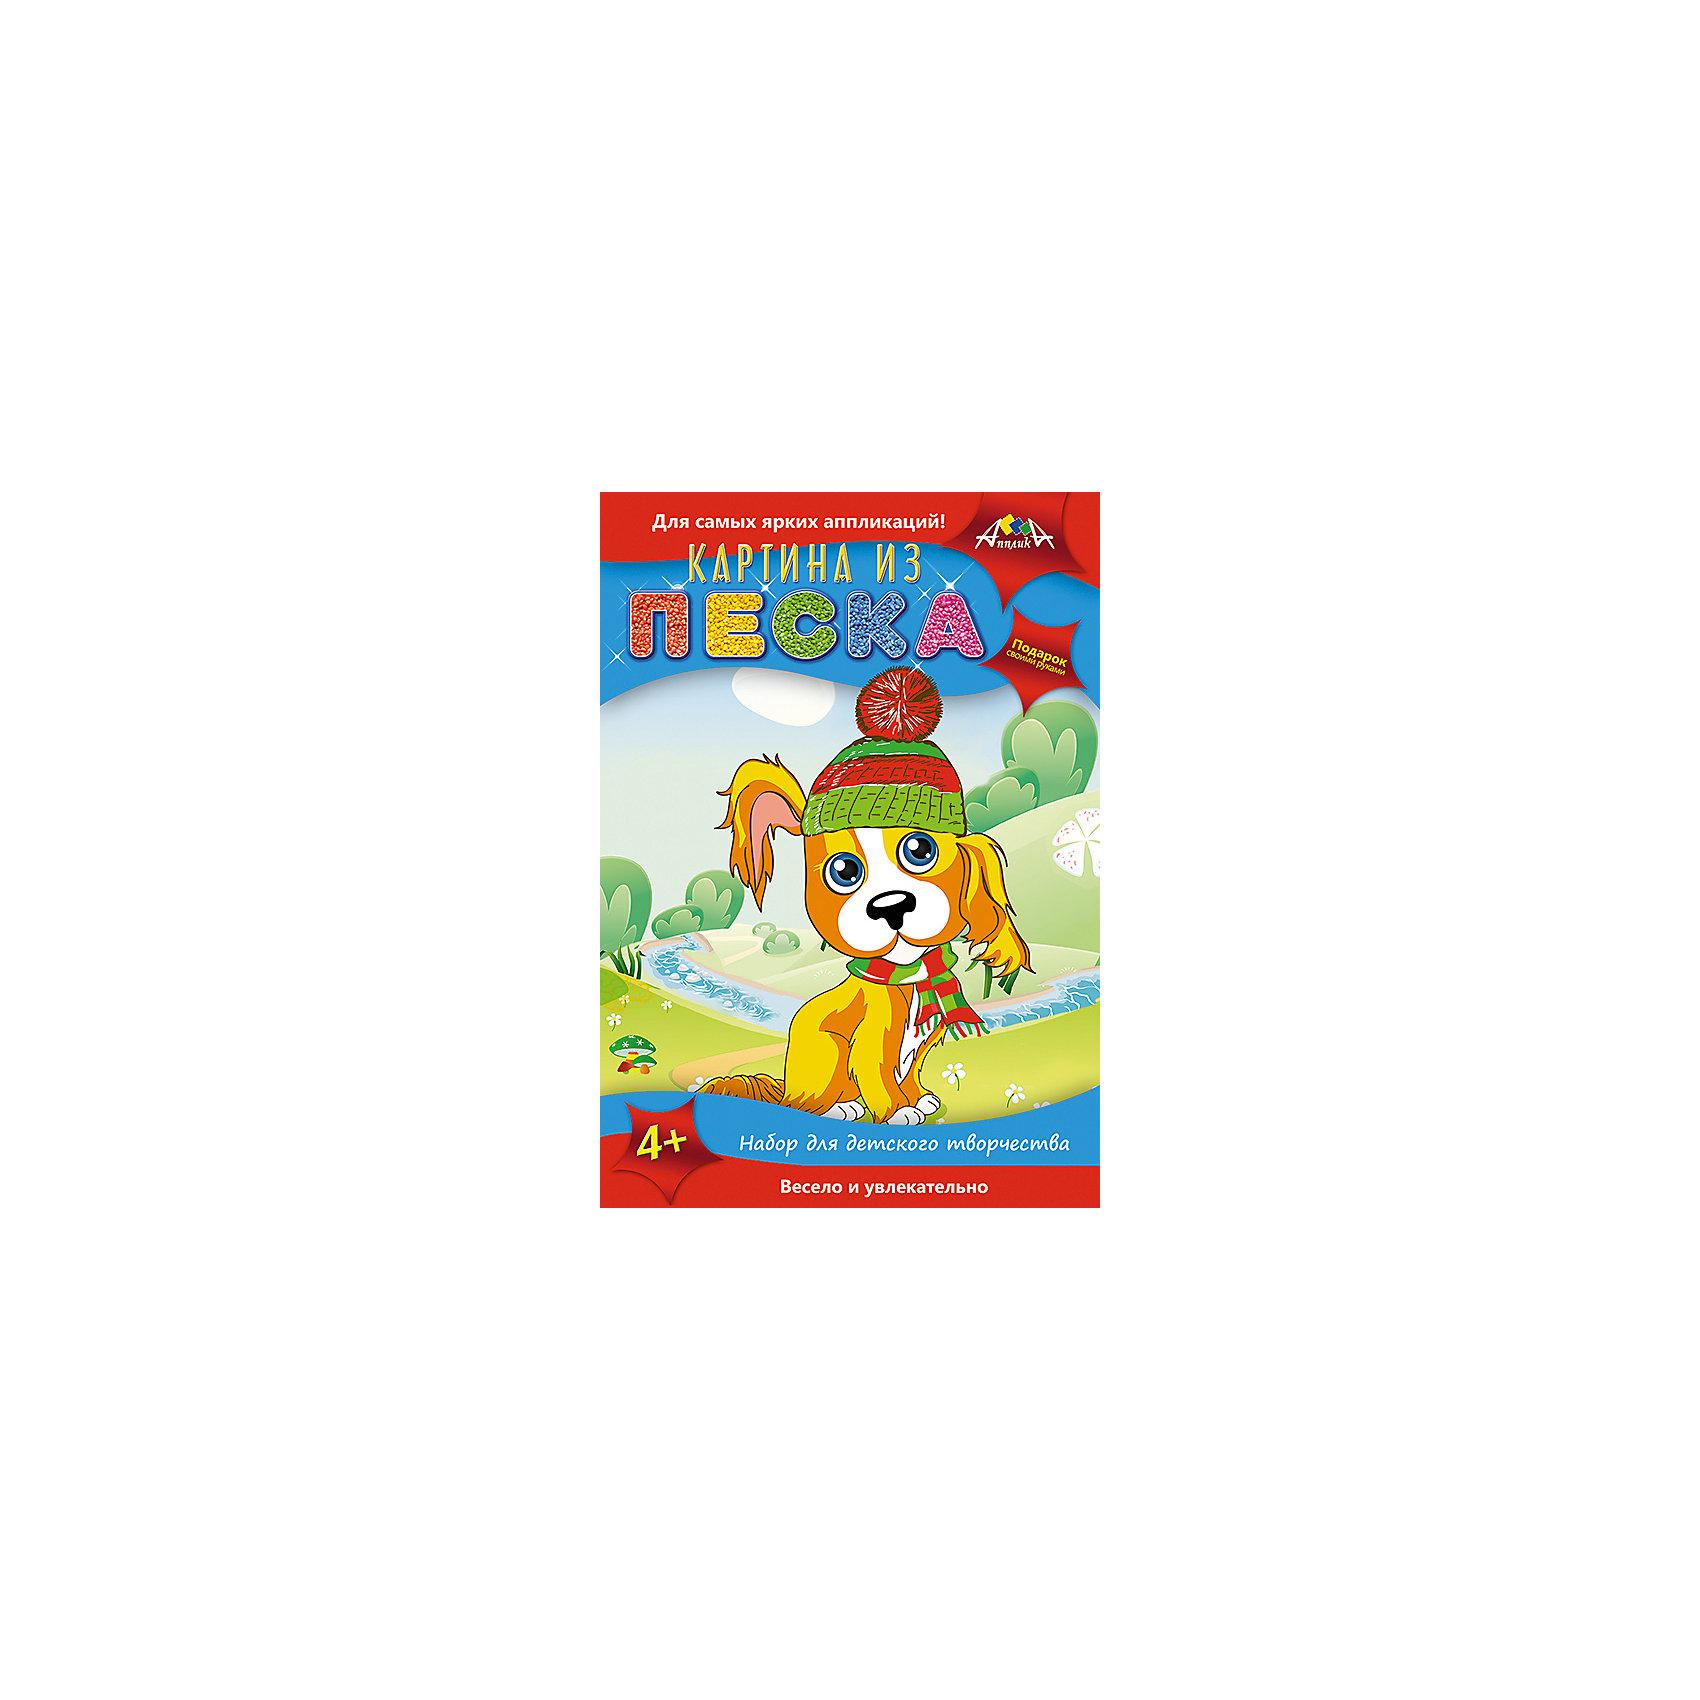 Набор для детского творчества. Картины из необычных материалов: Рыбка, Щенок, ВасилькиКартины из песка<br>Характеристики:<br><br>• возраст: от 5 лет<br>• комплектация: «Картина из пайеток», «Картина из песка», «Открытка Цветочная поляна Василек»<br>• в наборе «Картина из пайеток»: цветная картонная основа, цветные пайетки, глазки, стразы, декоративная рамка, клей ПВА<br>• в наборе «Картина из песка»: цветная самоклеящаяся основа, цветной песок, глазки, декоративная рамка<br>• в наборе «Открытка Цветочная поляна Василек»: картон (2 листа), разноцветная тонированная бумага, рамка из цветного картона с тиснением золотом<br>• размер упаковки: 32х21,5х4,7 см.<br>• вес: 300 гр.<br><br>Набор для творчества позволит ребенку создать своими руками картину из пайеток с изображением рыбки, картину из песка с изображением забавного щенка и открытку на которой изображен василек.<br><br>Чтобы создать картину из пайеток, приклейте разноцветные пайетки на цветную картонную основу.<br><br>Чтобы создать картину из песка, достаточно аккуратно по схеме отклеивать фрагменты и насыпать цветной песок на самоклеящуюся основу. Сначала засыпьте песок на все фрагменты одного цвета, равномерно распределяя и слегка придавливая его пальцами, потом переходите к следующему. Используйте стразы и глазки для декорирования. По контуру рисунка приклейте рамку.<br><br>Чтобы сделать открытку, вырежьте в картоне круглое отверстие для бутона, сделайте цветок из тонированной бумаги и соедините эти элементы. По контуру рисунка приклейте рамку.<br><br>Яркие солнечные картины, сделанные своими руками, станут отличным подарком.<br><br>Создание картин из необычных материалов развивает аккуратность, мелкую моторику, усидчивость.<br><br>Набор для детского творчества. «Картины из необычных материалов: Рыбка, Щенок, Васильки» можно купить в нашем интернет-магазине.<br><br>Ширина мм: 320<br>Глубина мм: 215<br>Высота мм: 47<br>Вес г: 300<br>Возраст от месяцев: 60<br>Возраст до месяцев: 2147483647<br>Пол: Унисекс<br>Воз